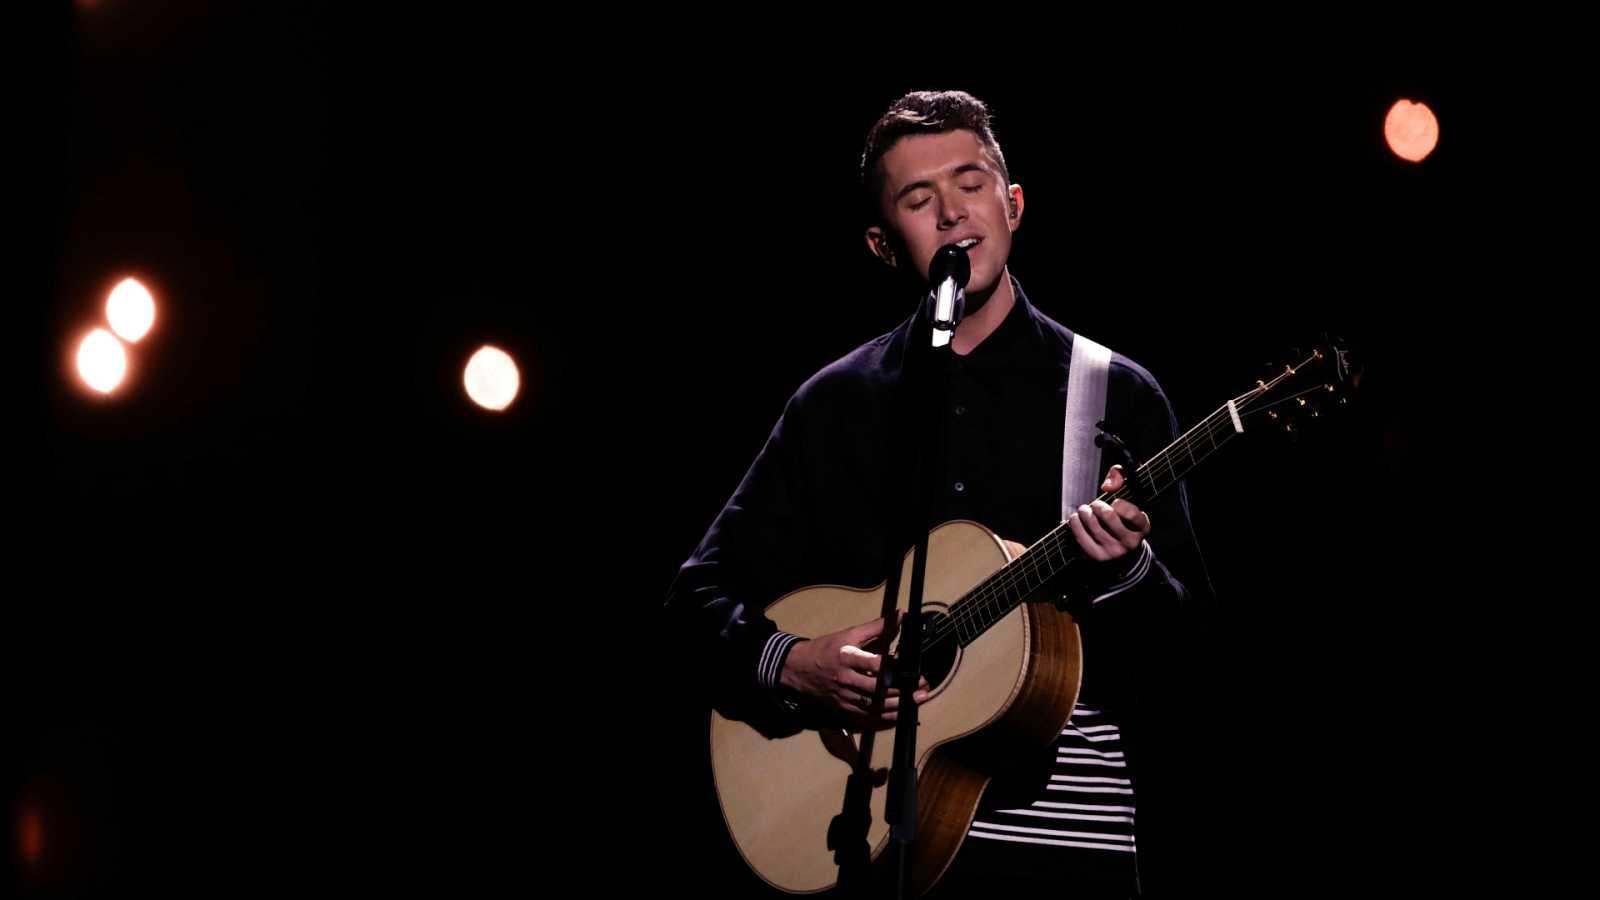 """Eurovisión - Irlanda: Ryan O'Shaughnessy canta """"Together"""" en la primera semifinal de Eurovisión 2018"""